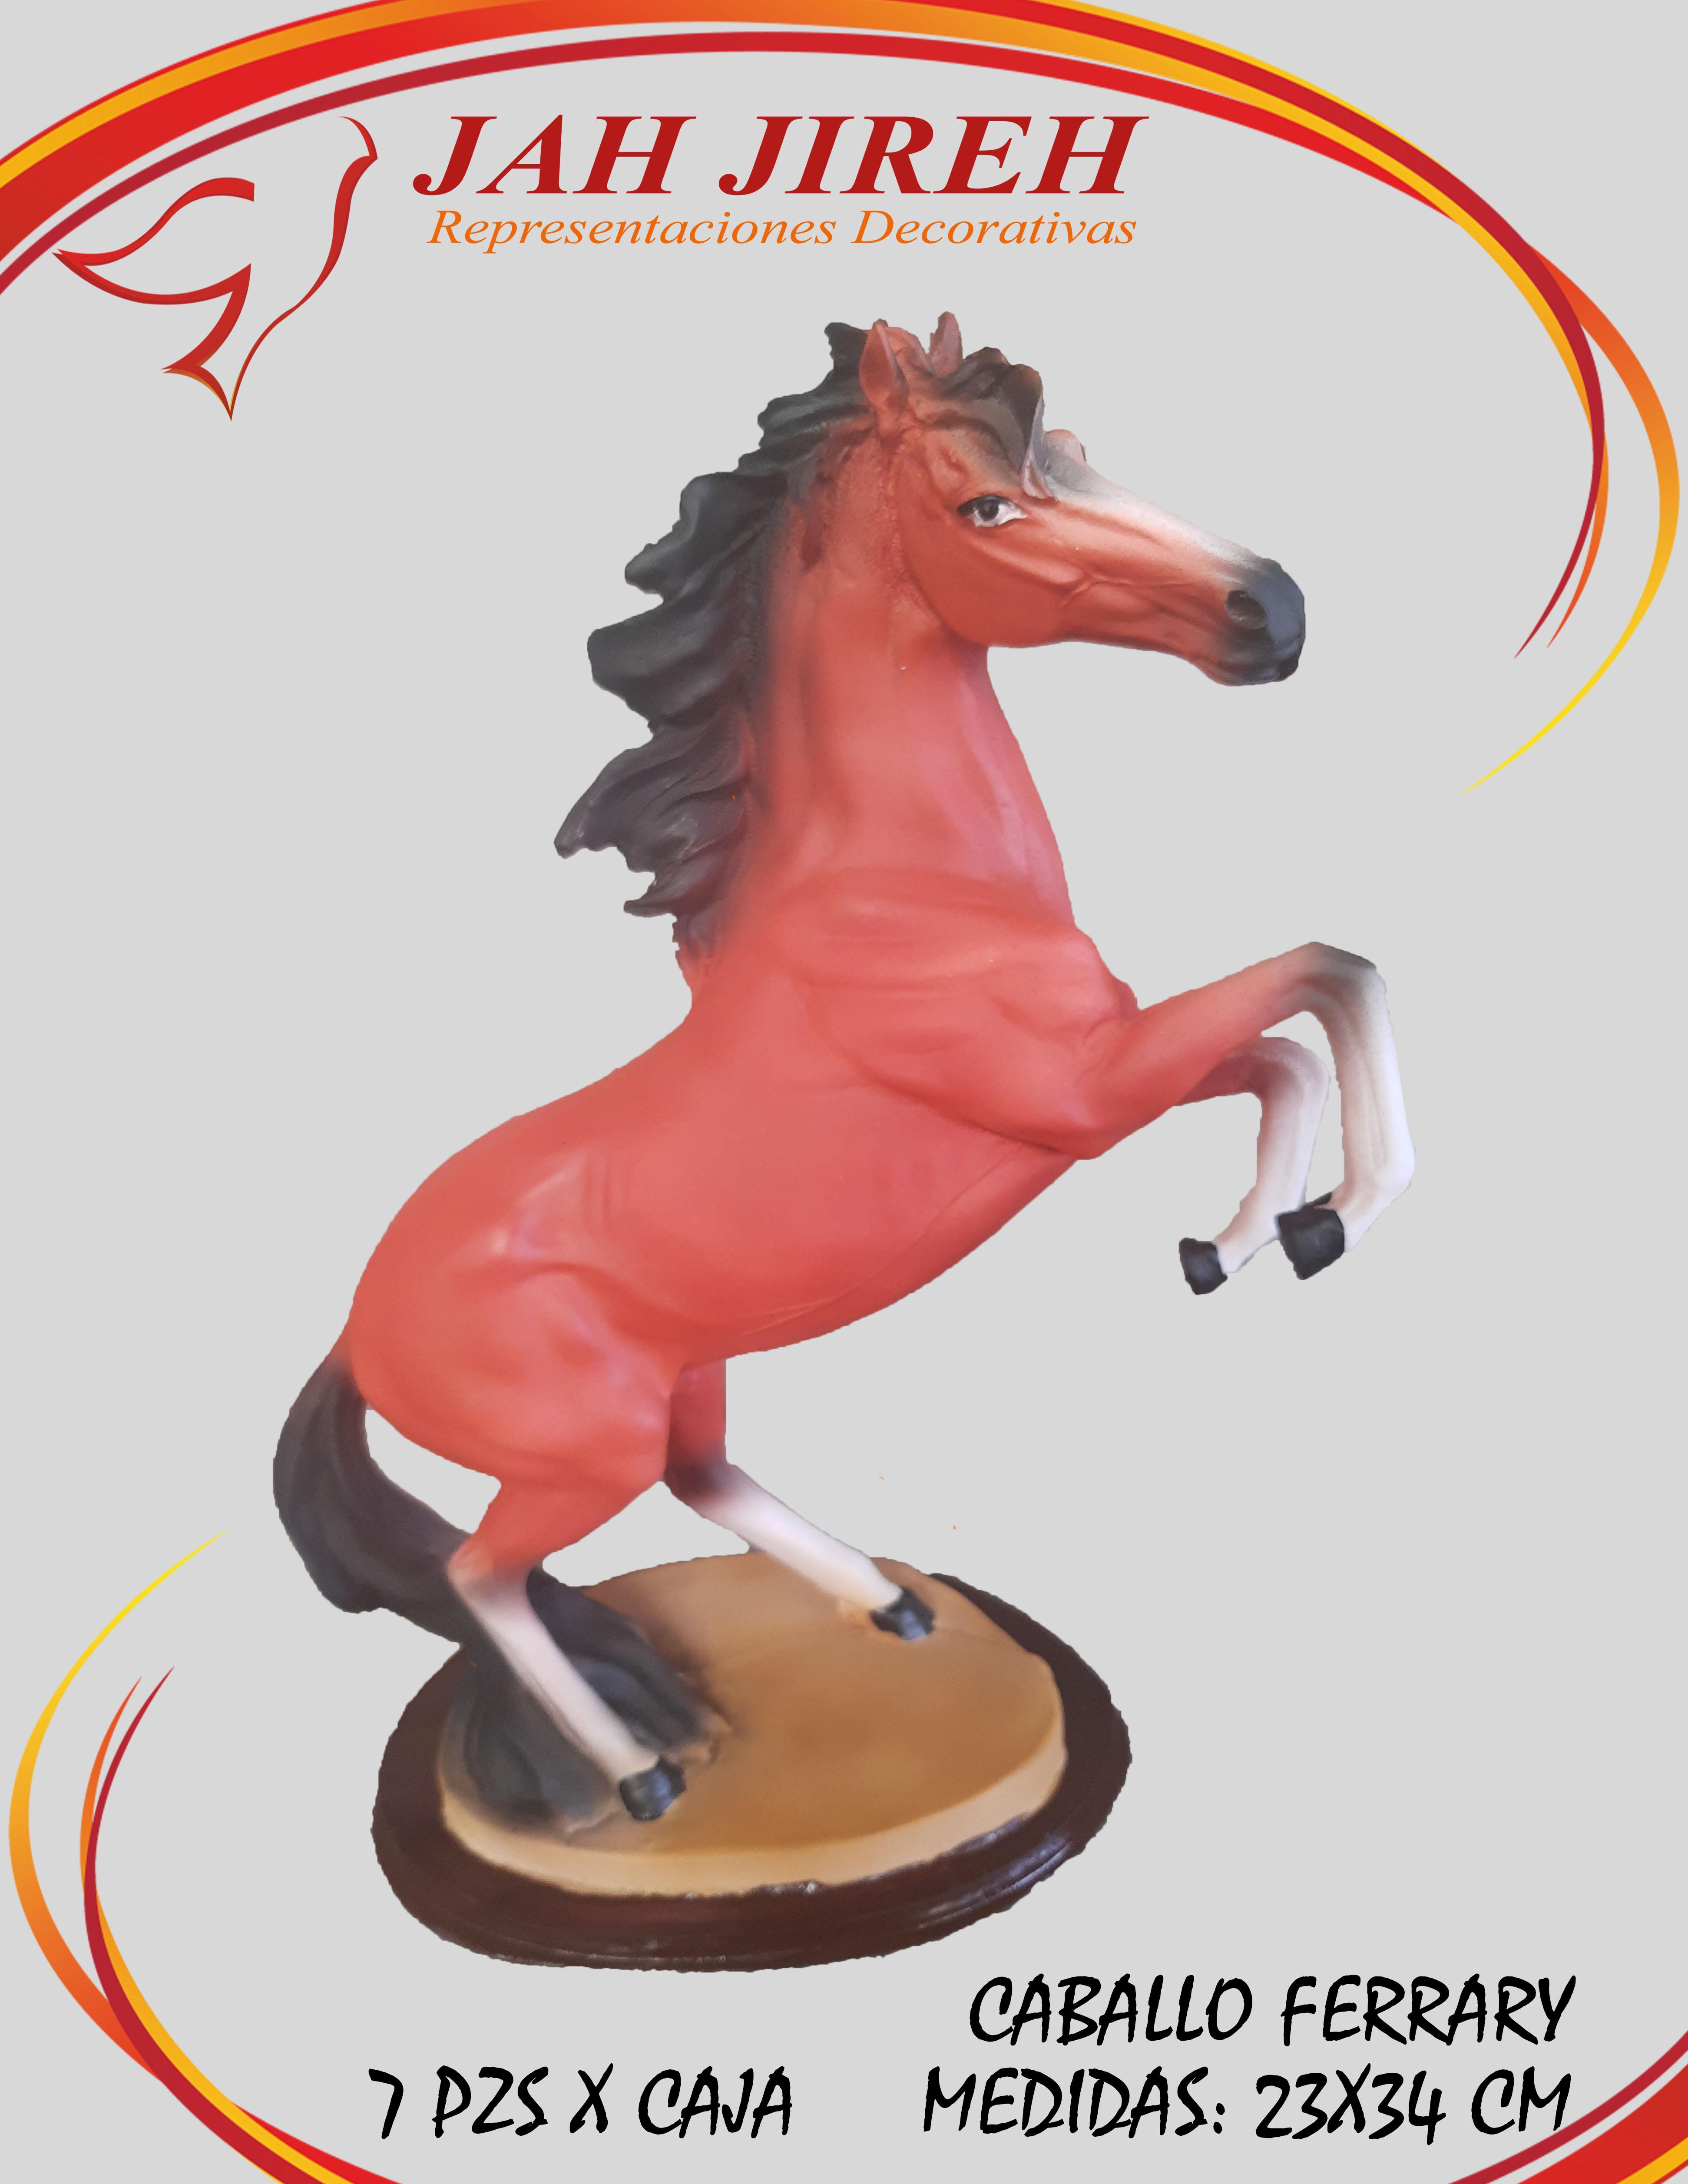 https://0201.nccdn.net/1_2/000/000/12a/0b6/caballo-ferrary.jpg